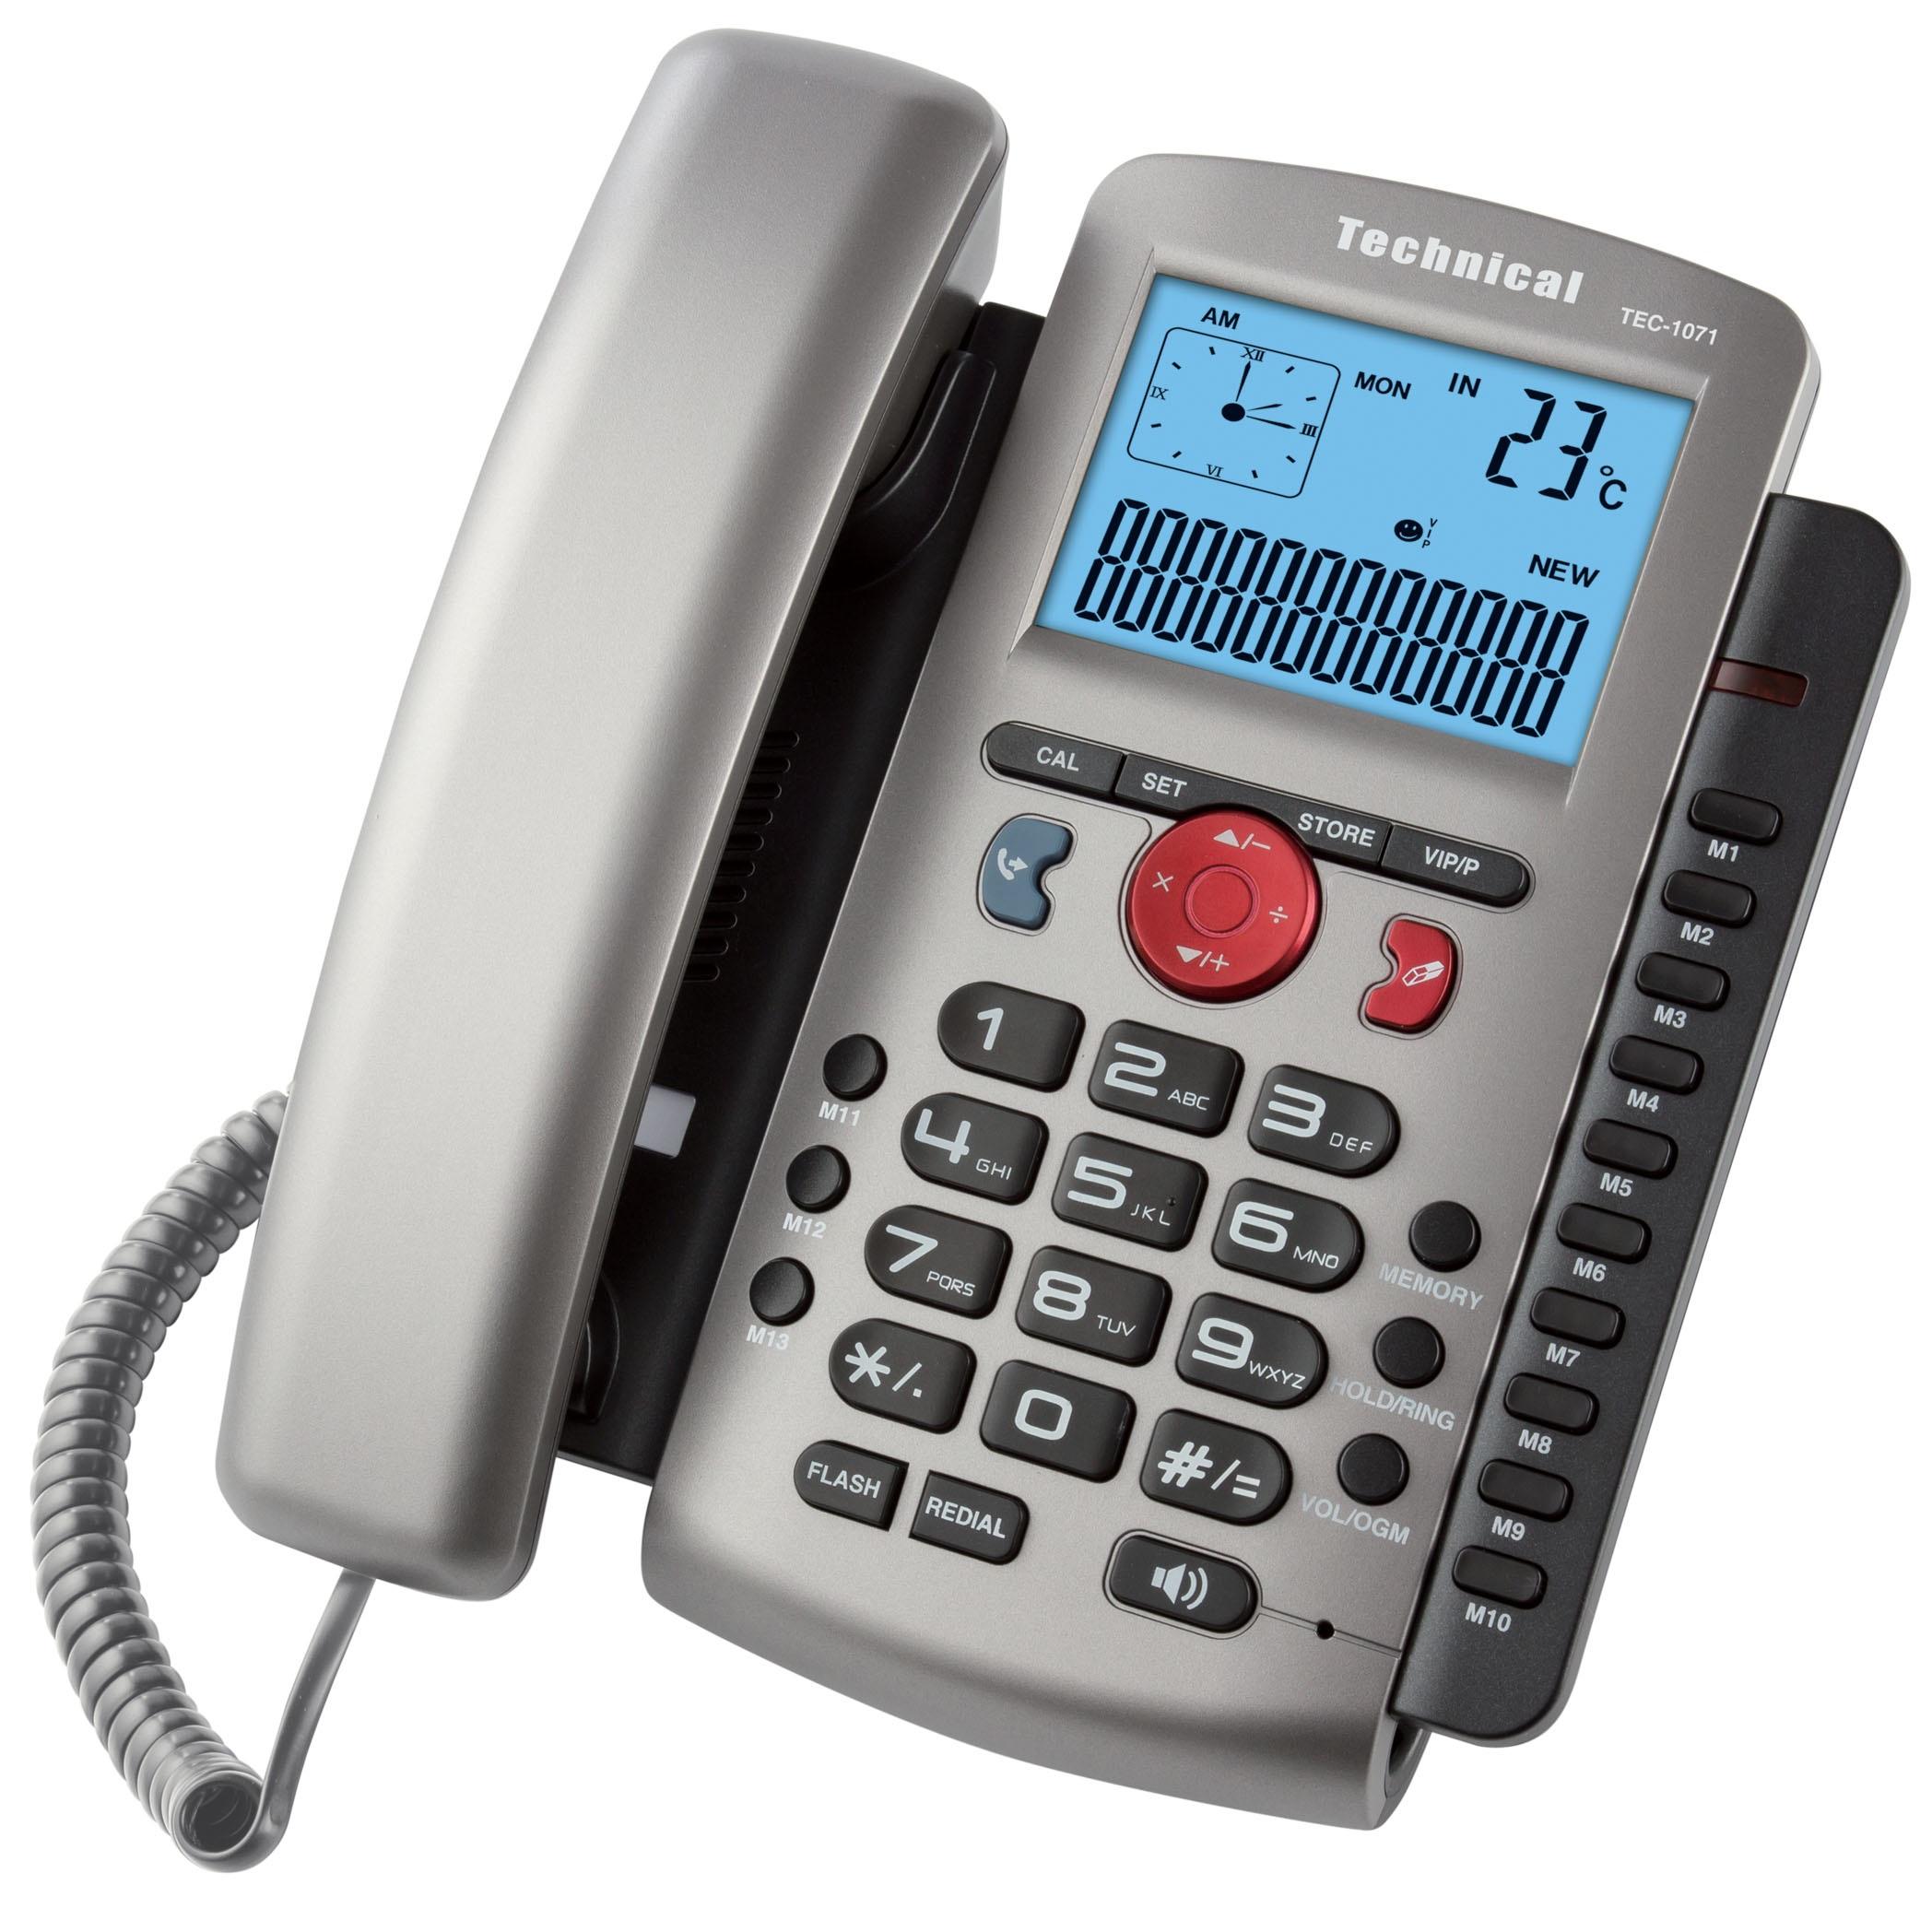 تلفن تکنیکال مدل TEC-1071